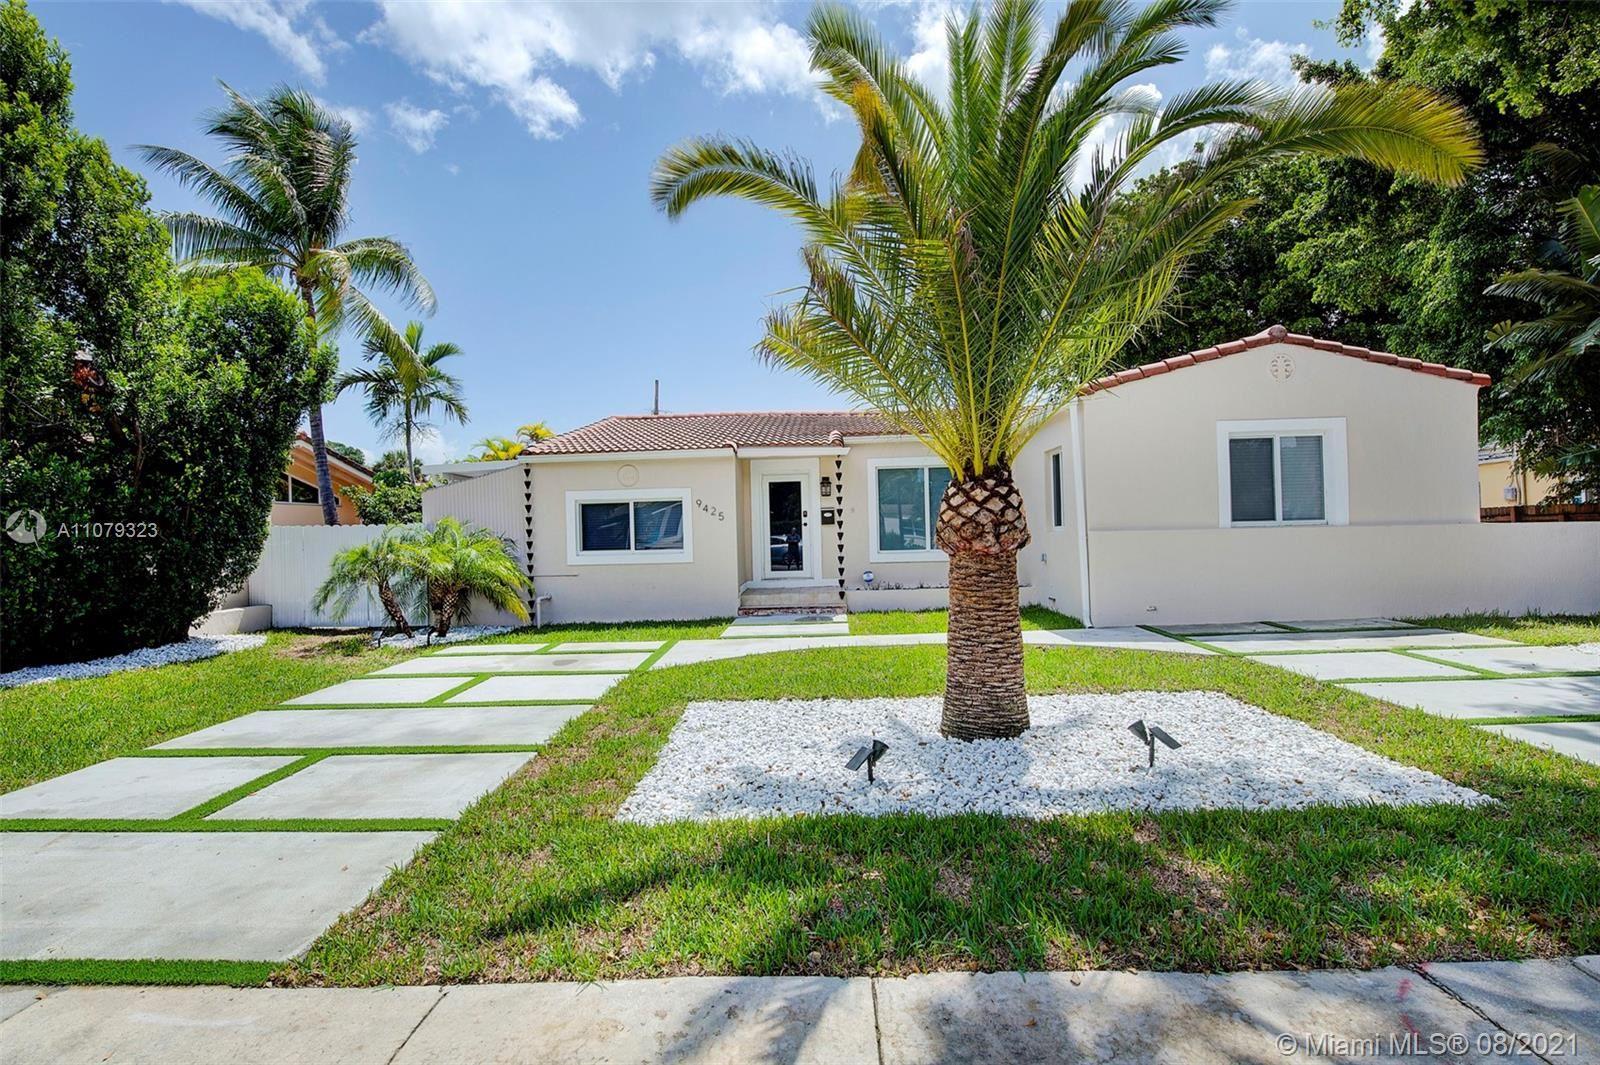 9425 N Miami Ave, Miami Shores, FL 33150 - #: A11079323